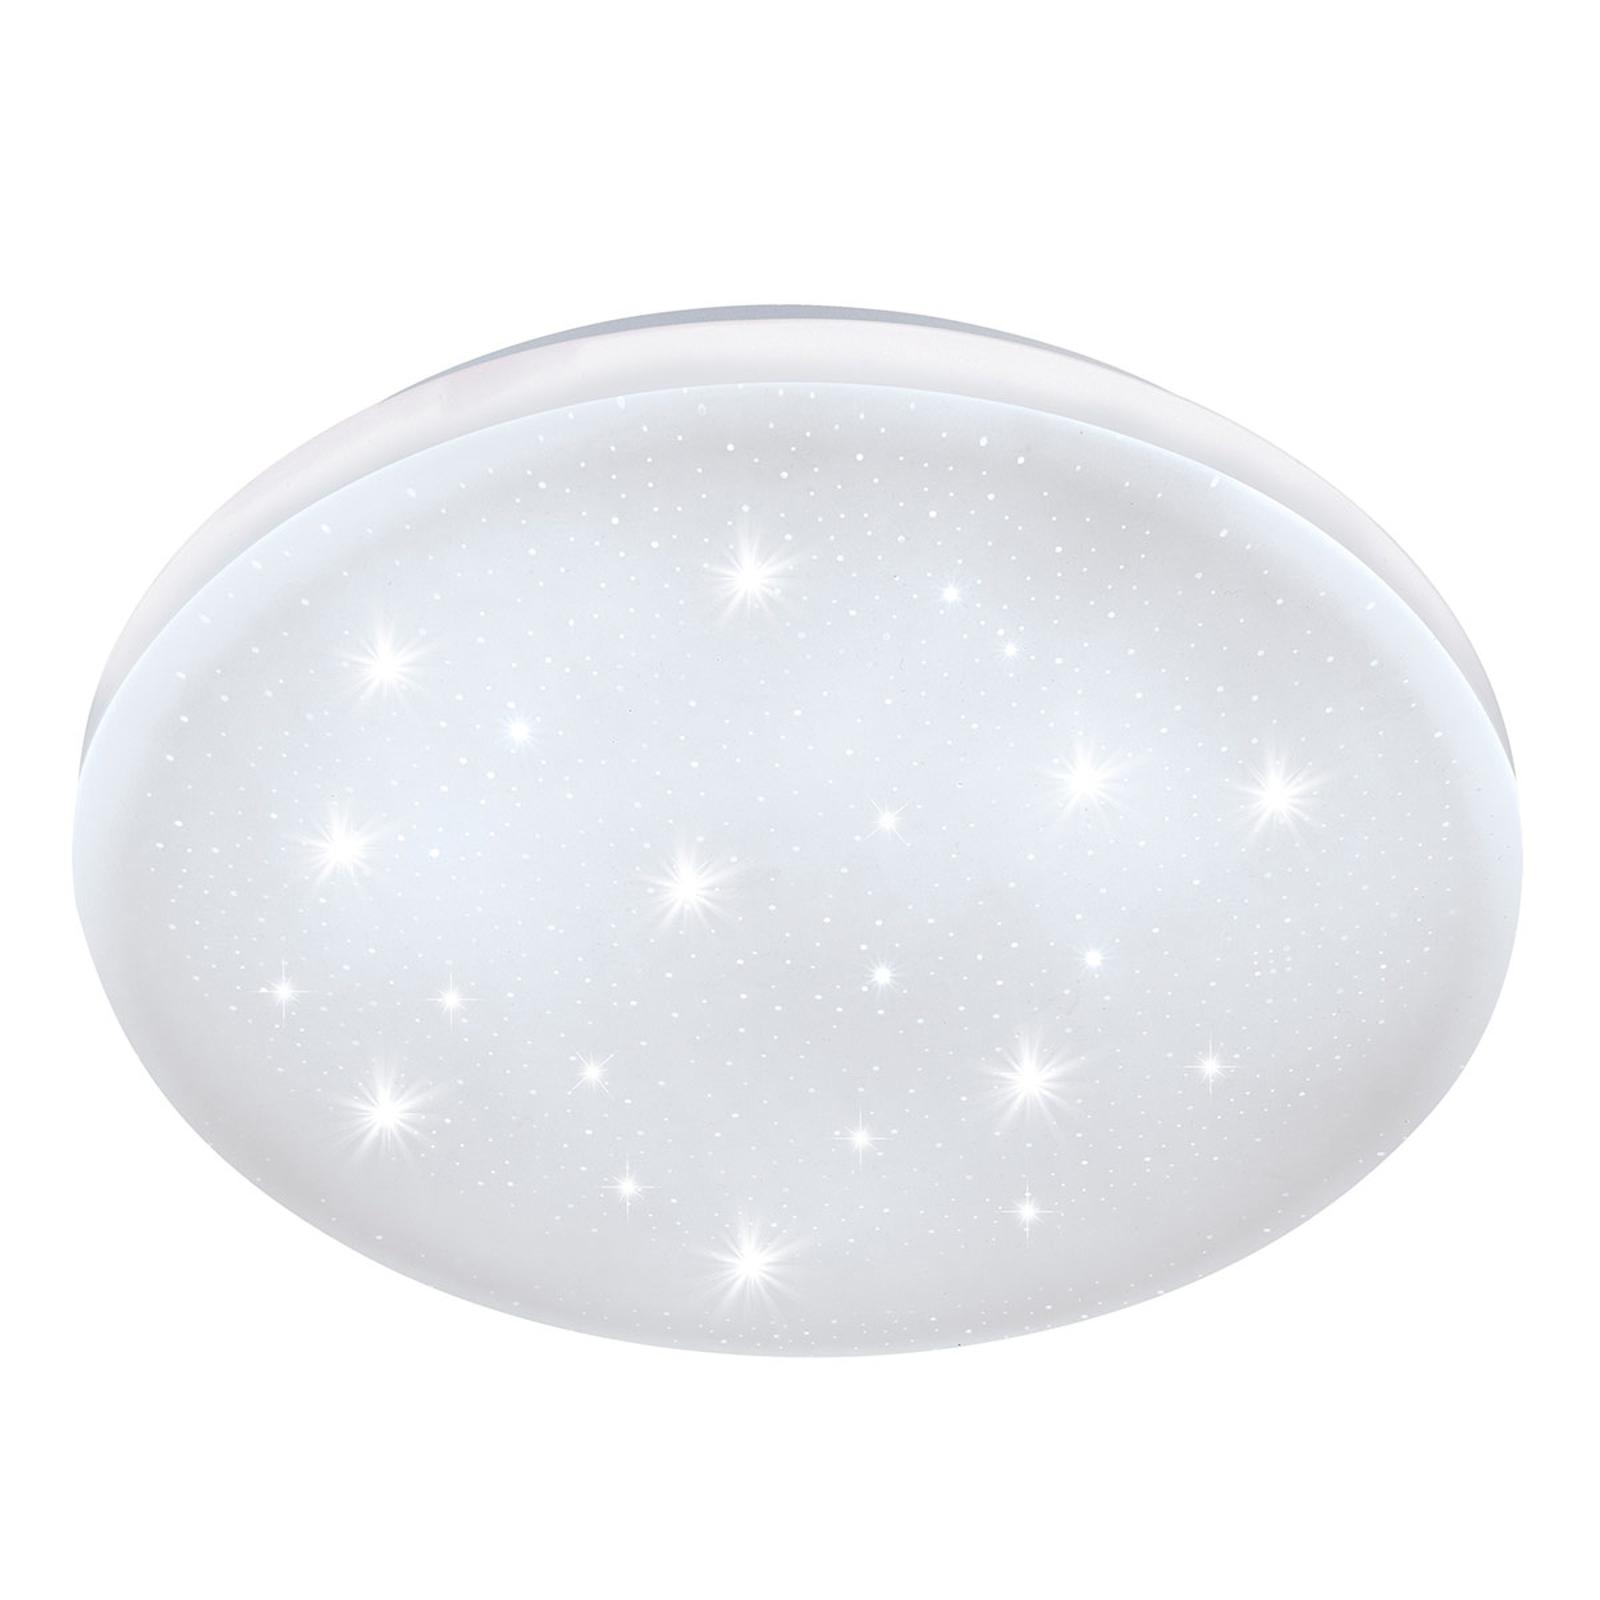 Lampa sufitowa LED Frania-S efekt kryształu Ø28 cm